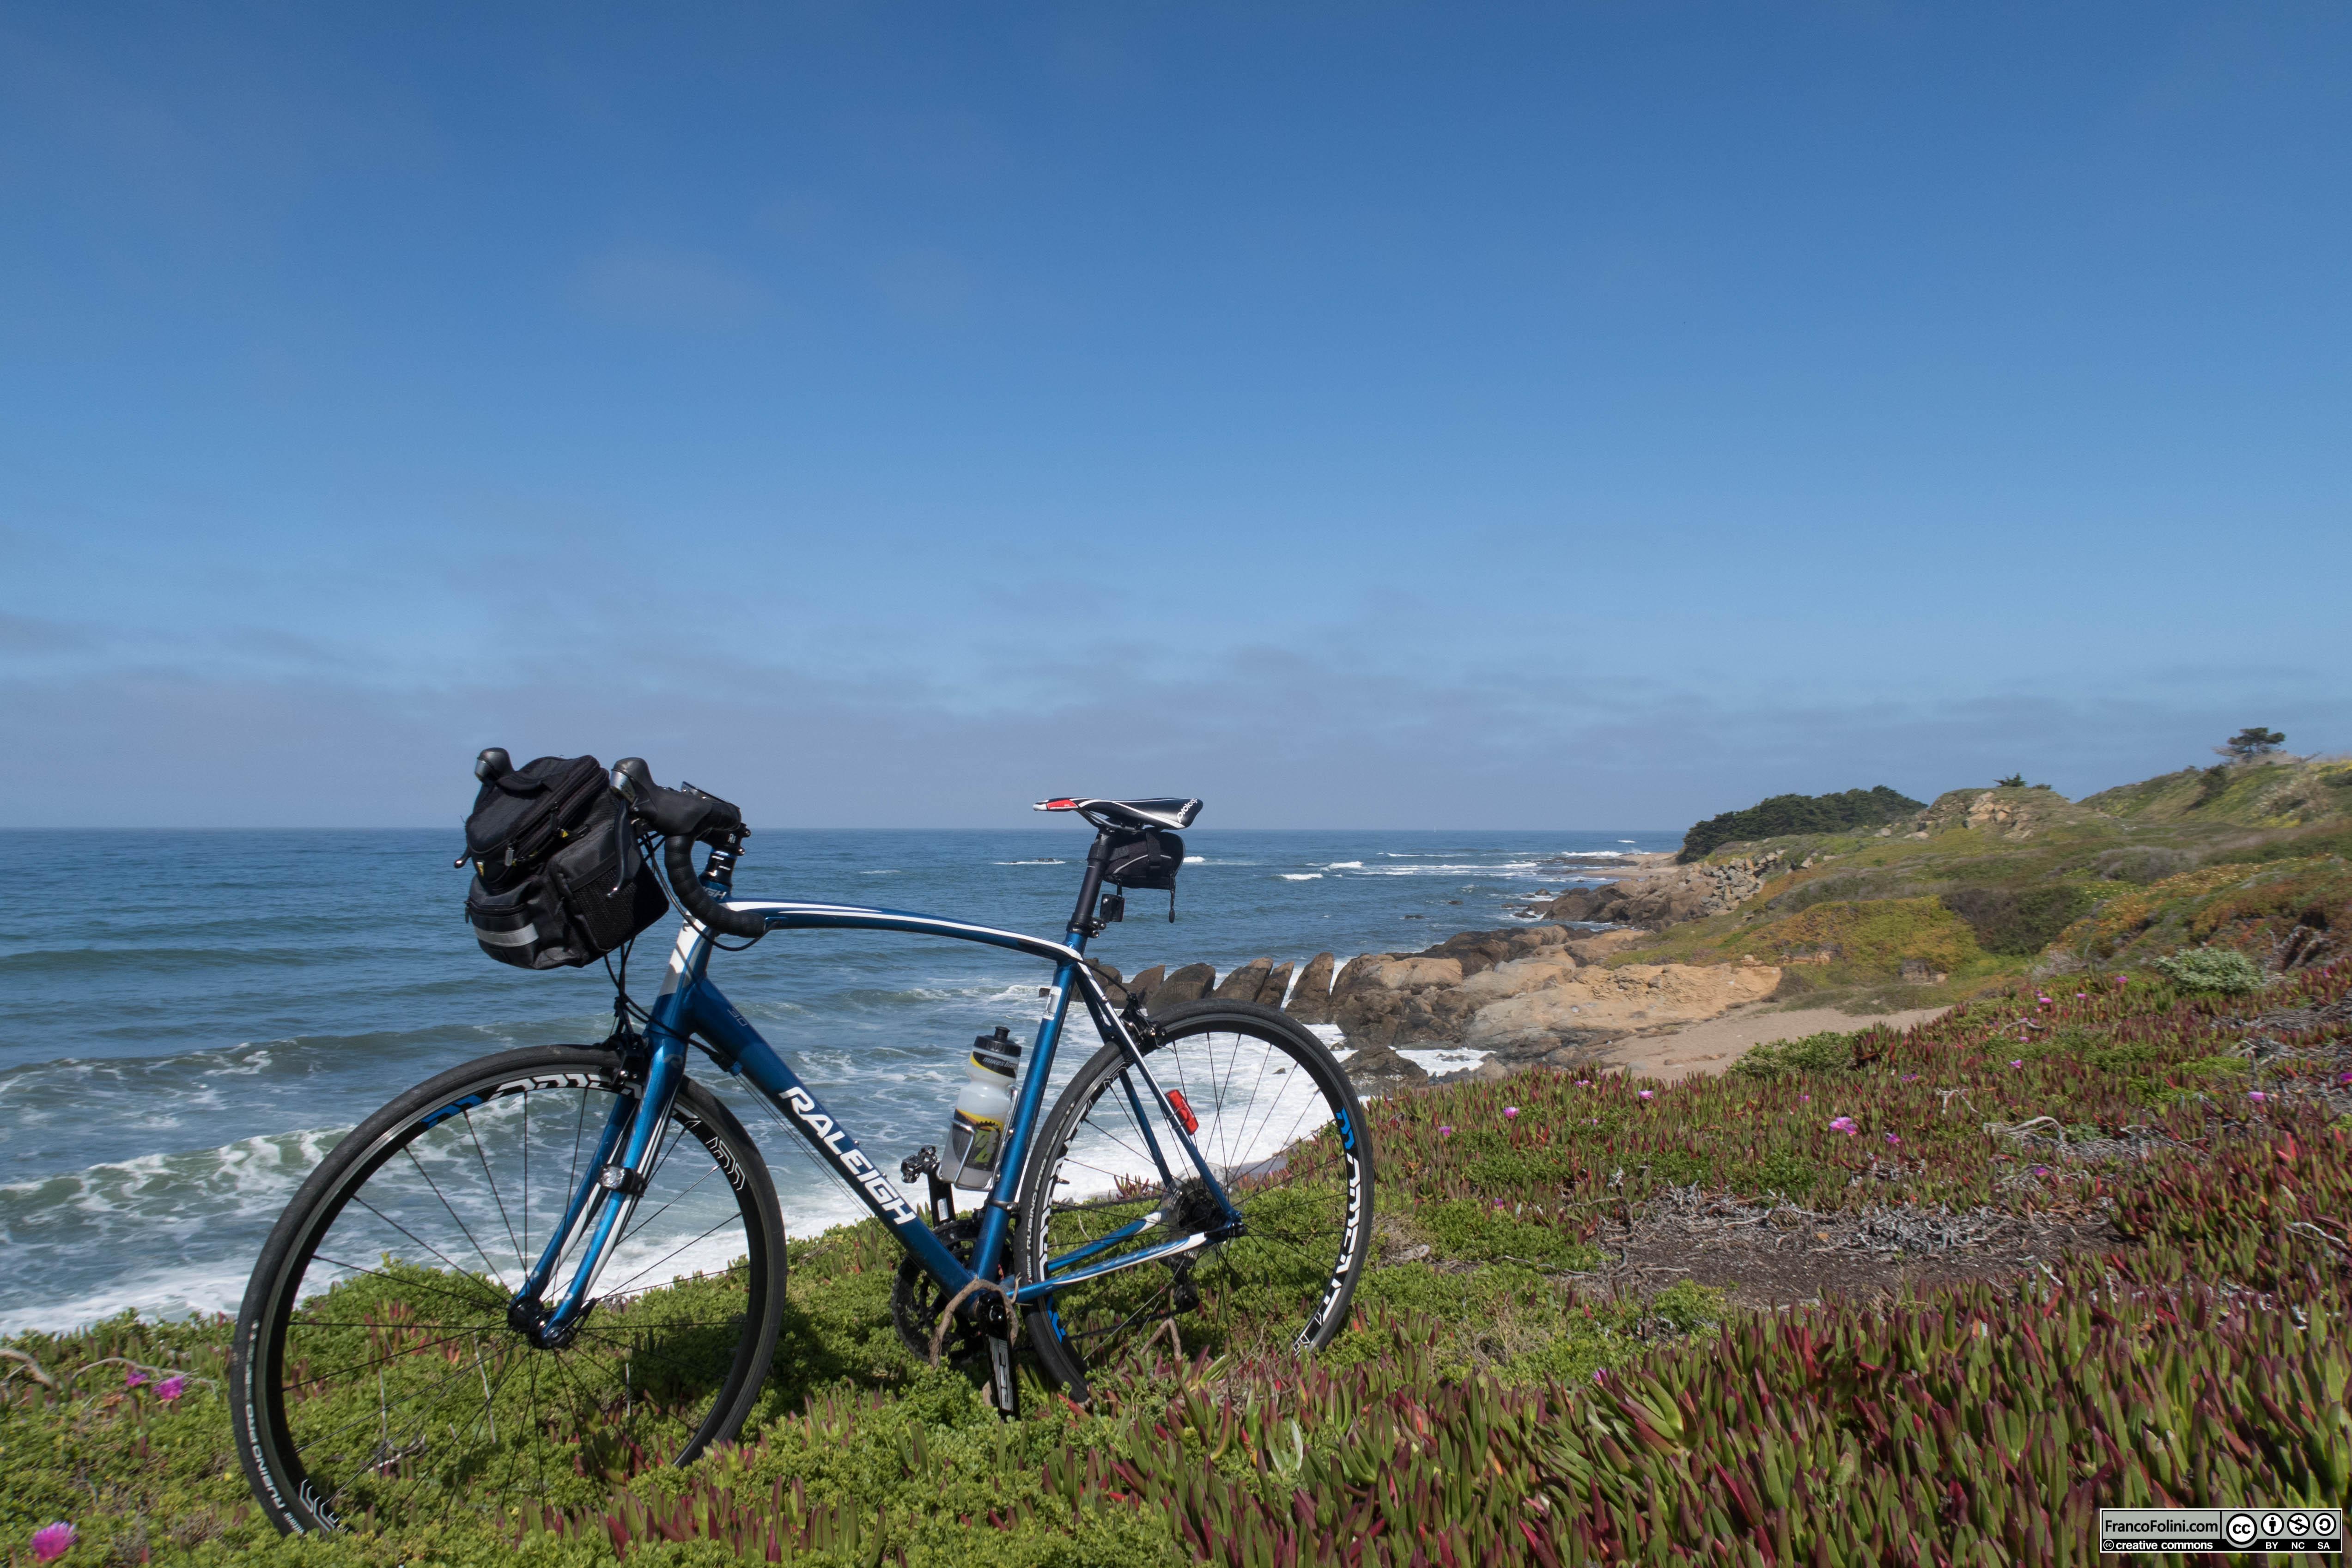 In bicicletta da Half Moon Bay a Santa Cruz, lungo il Pacifico